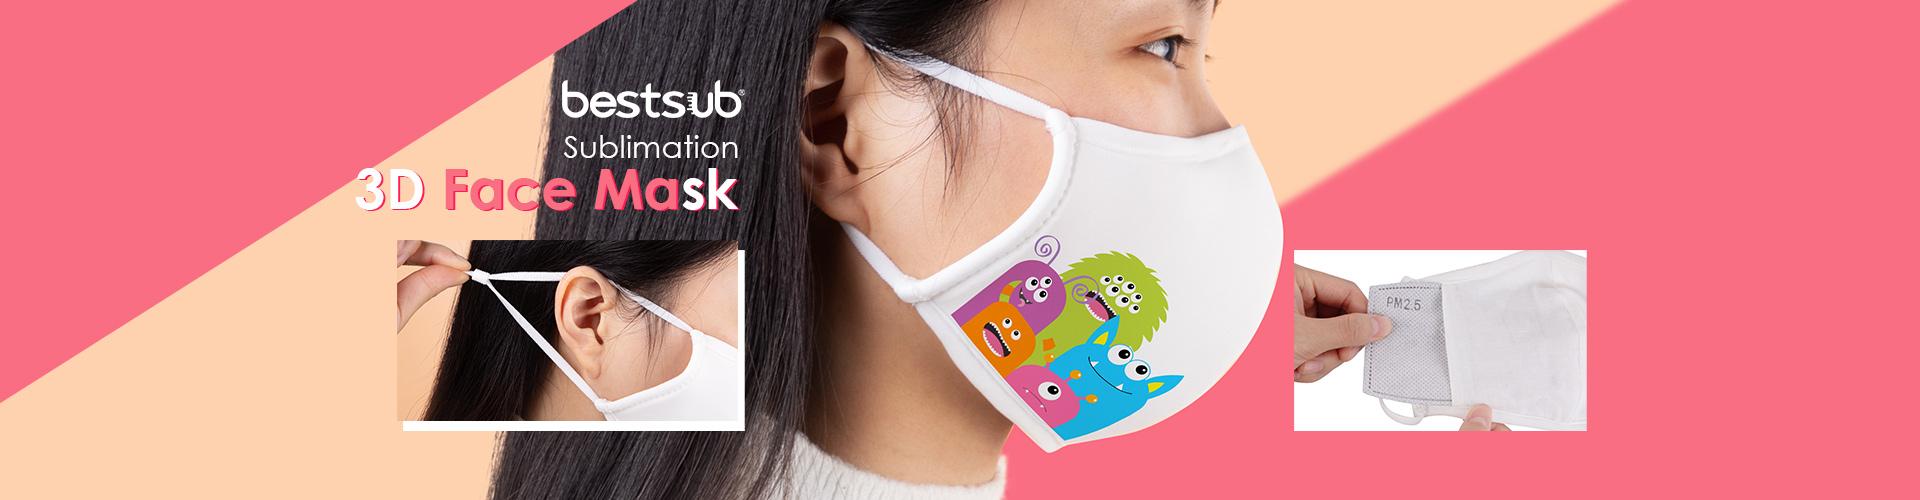 2020-4-26_Sublimation_3D_Face_Mask_new_web